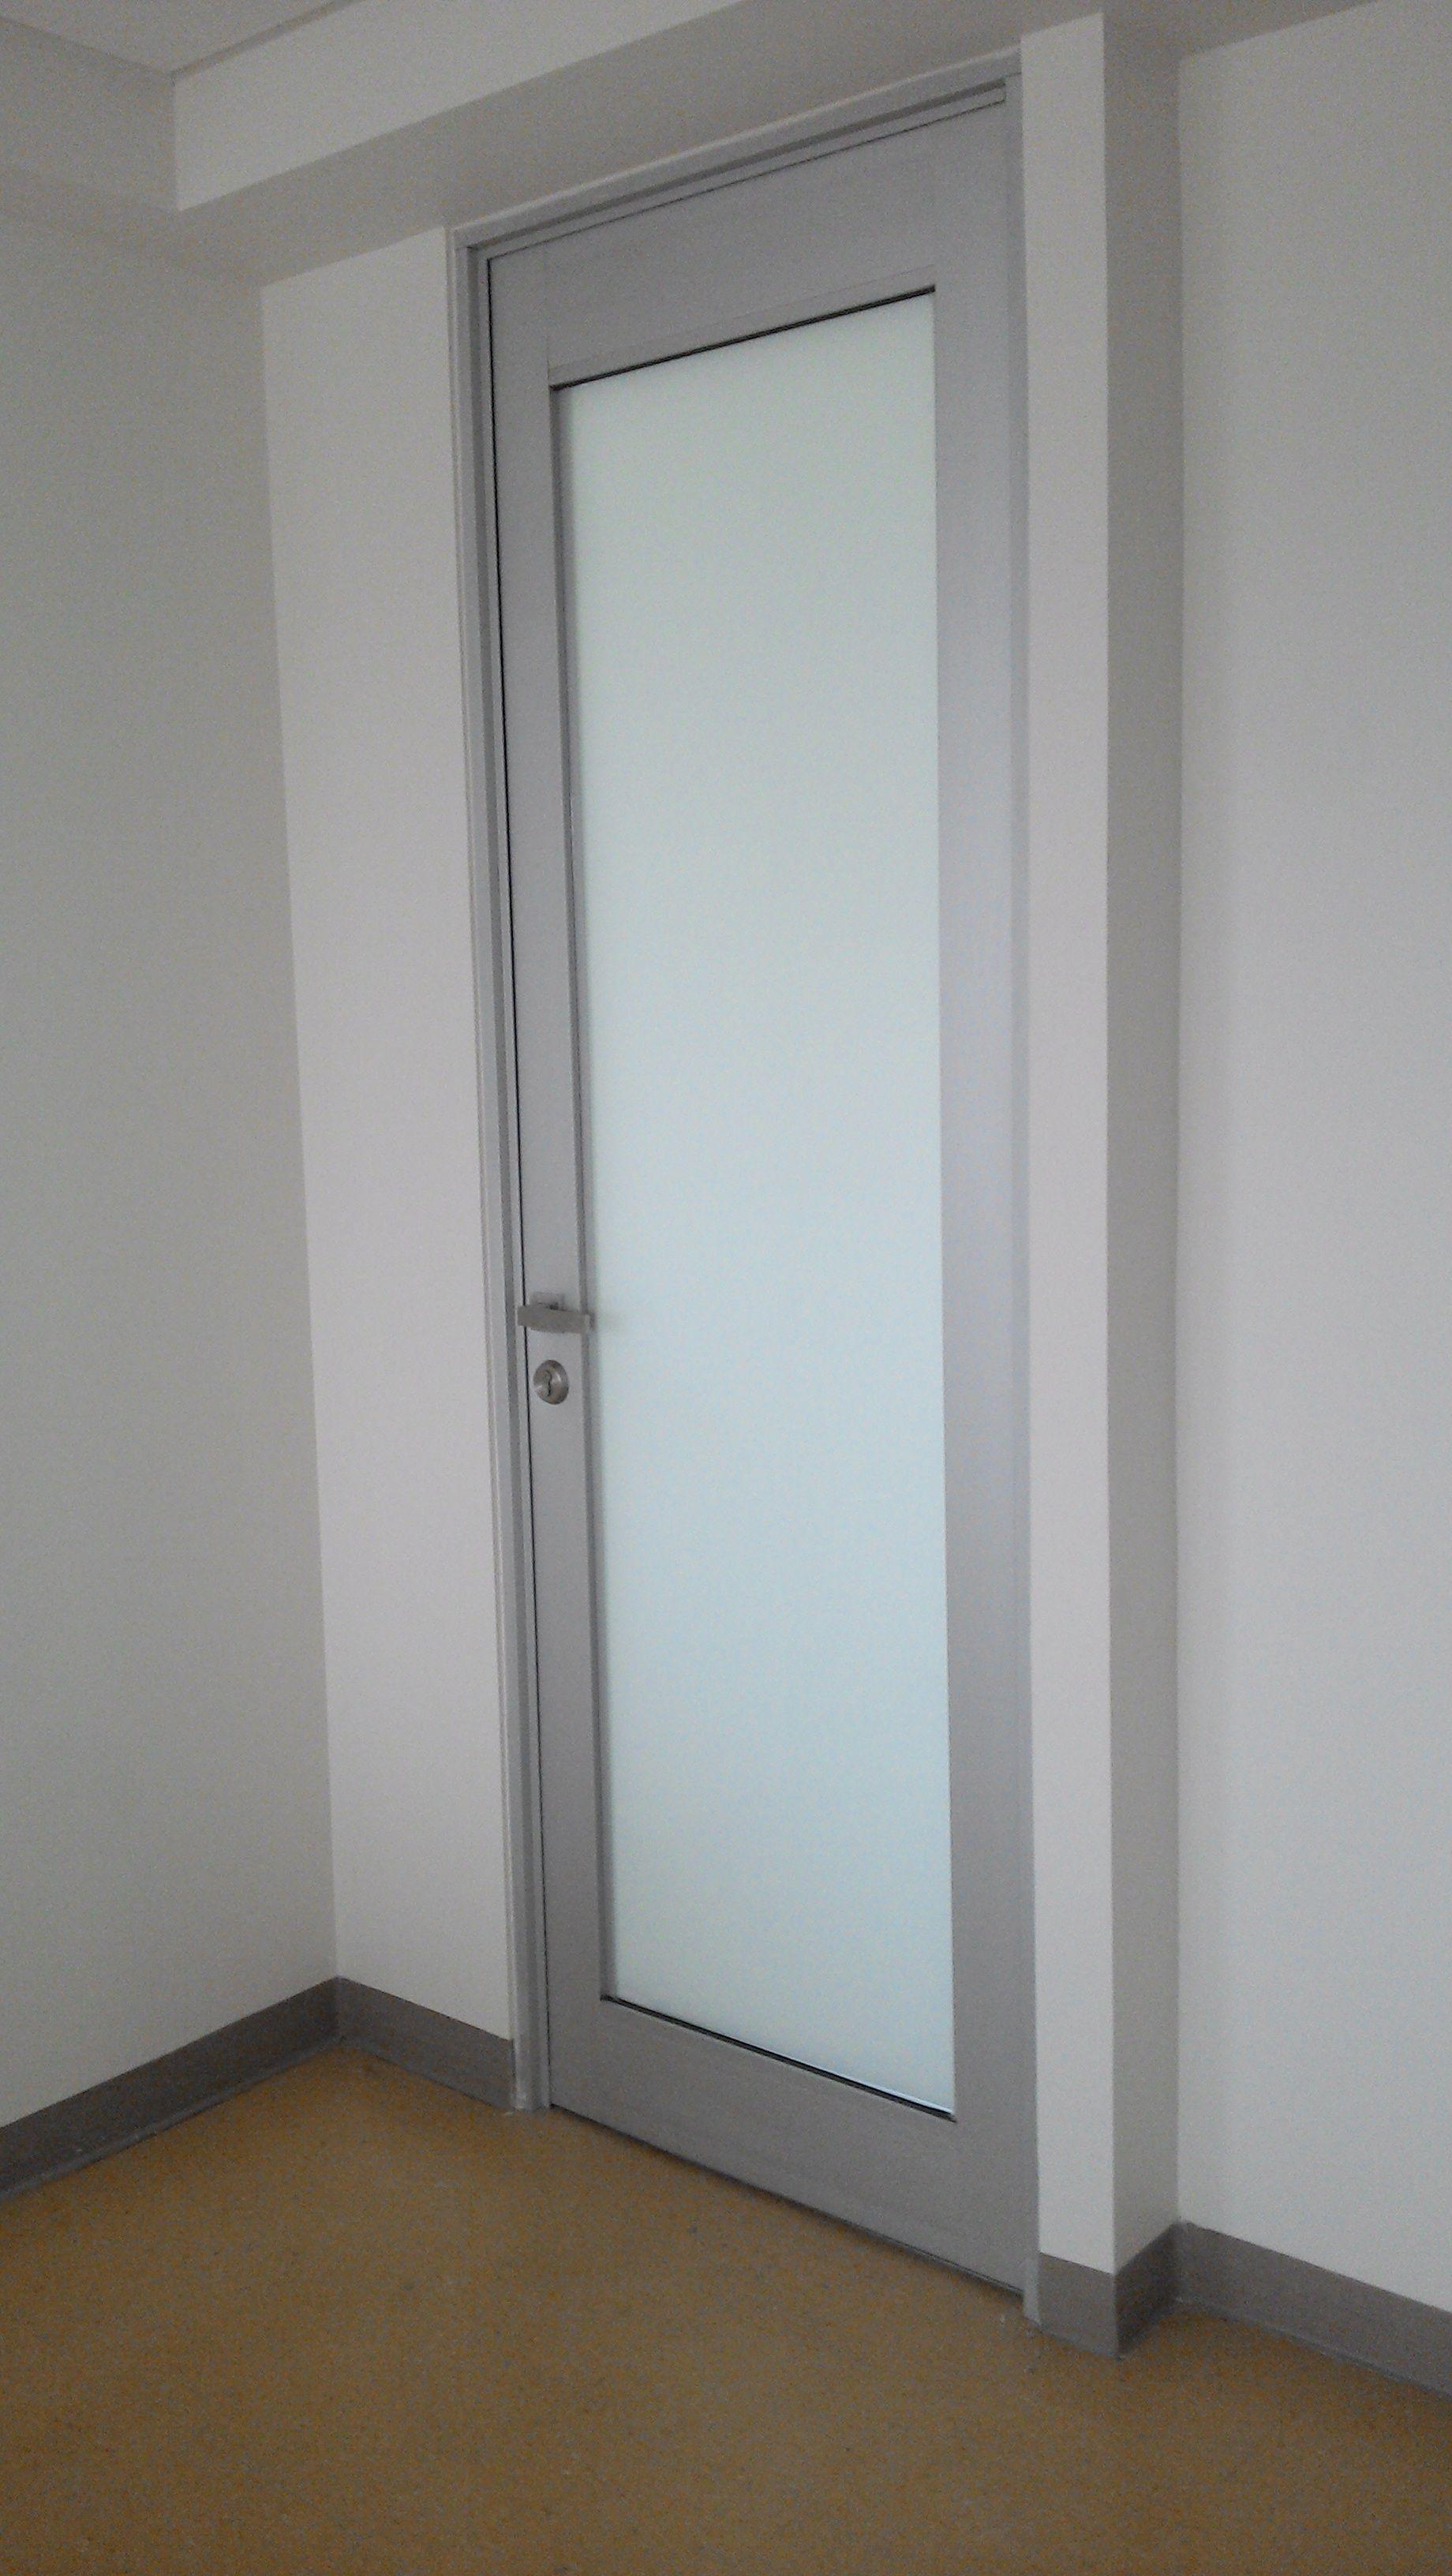 Envo gratis vidrio de acero inoxidable correderas herrajes - Herrajes puertas correderas ...